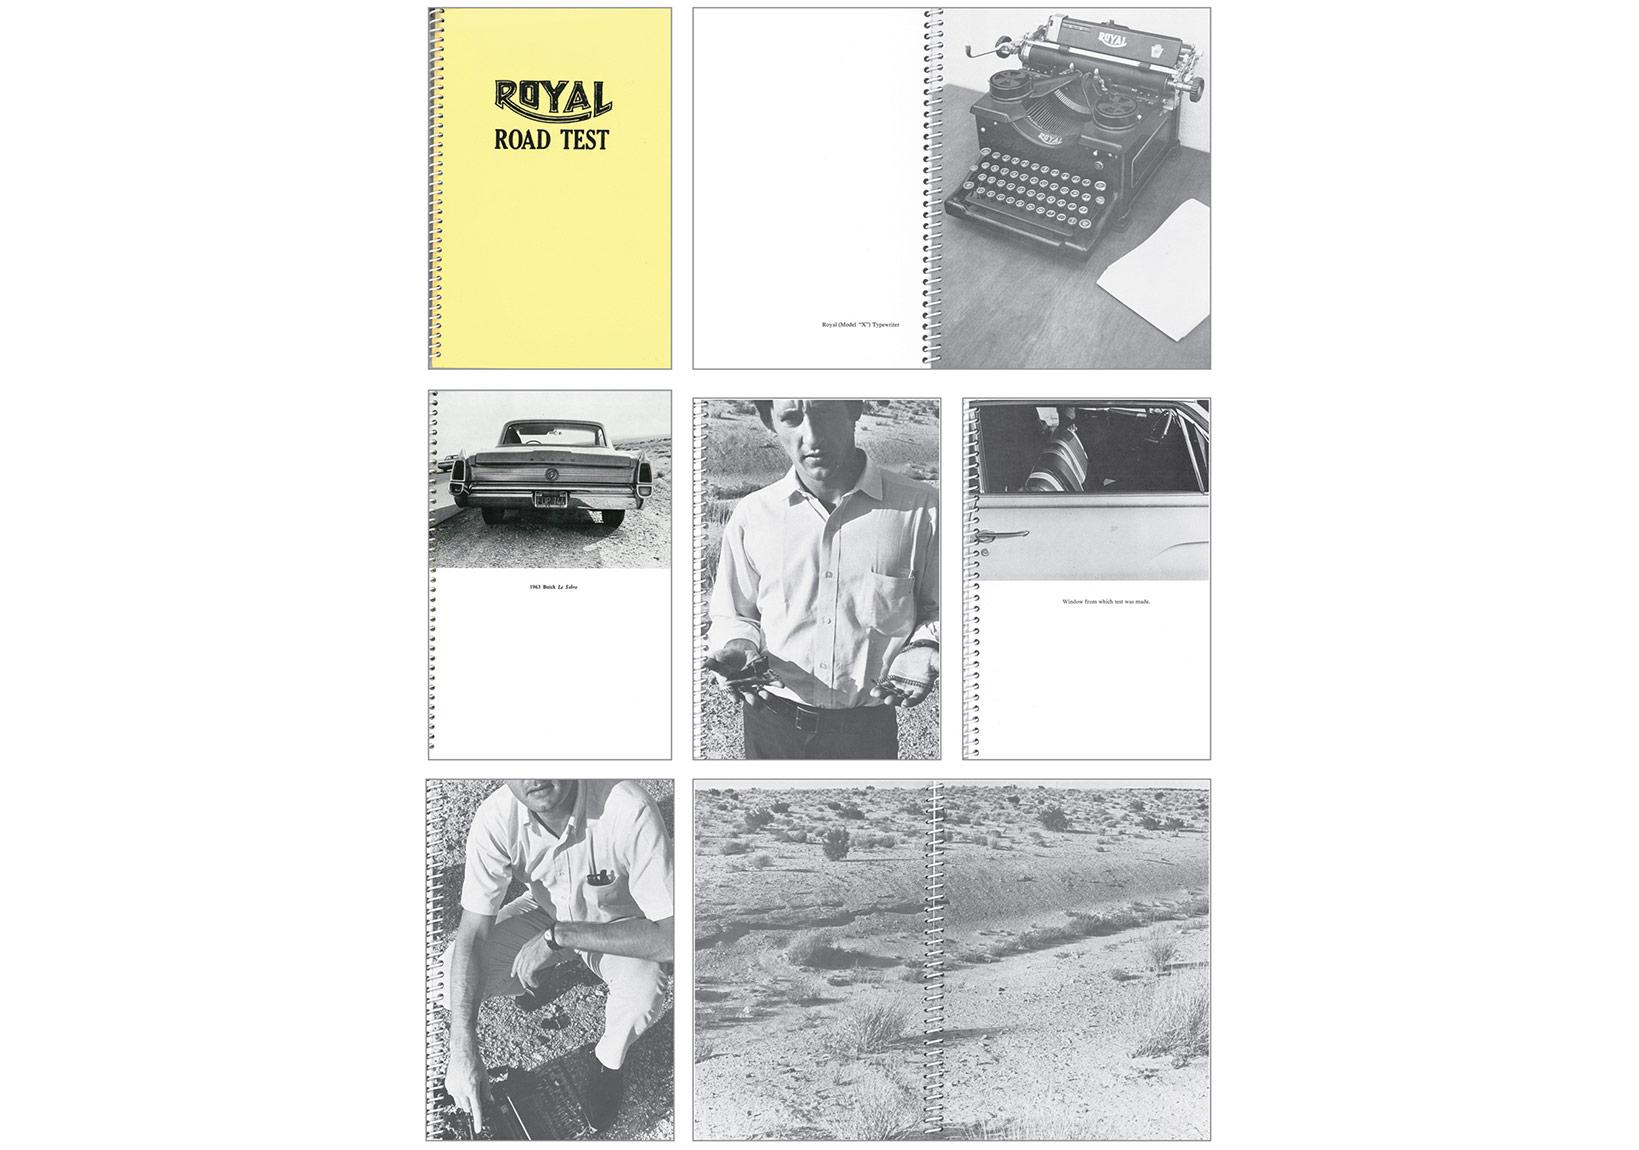 Kitap sekansı (Mason Williams ve Patrick Blackwell işbirliğiyle), Royal Road Test, sanatçı kitabı, 1967 © Edward Ruscha, Sanatçı ve Gagosian Gallery izniyle